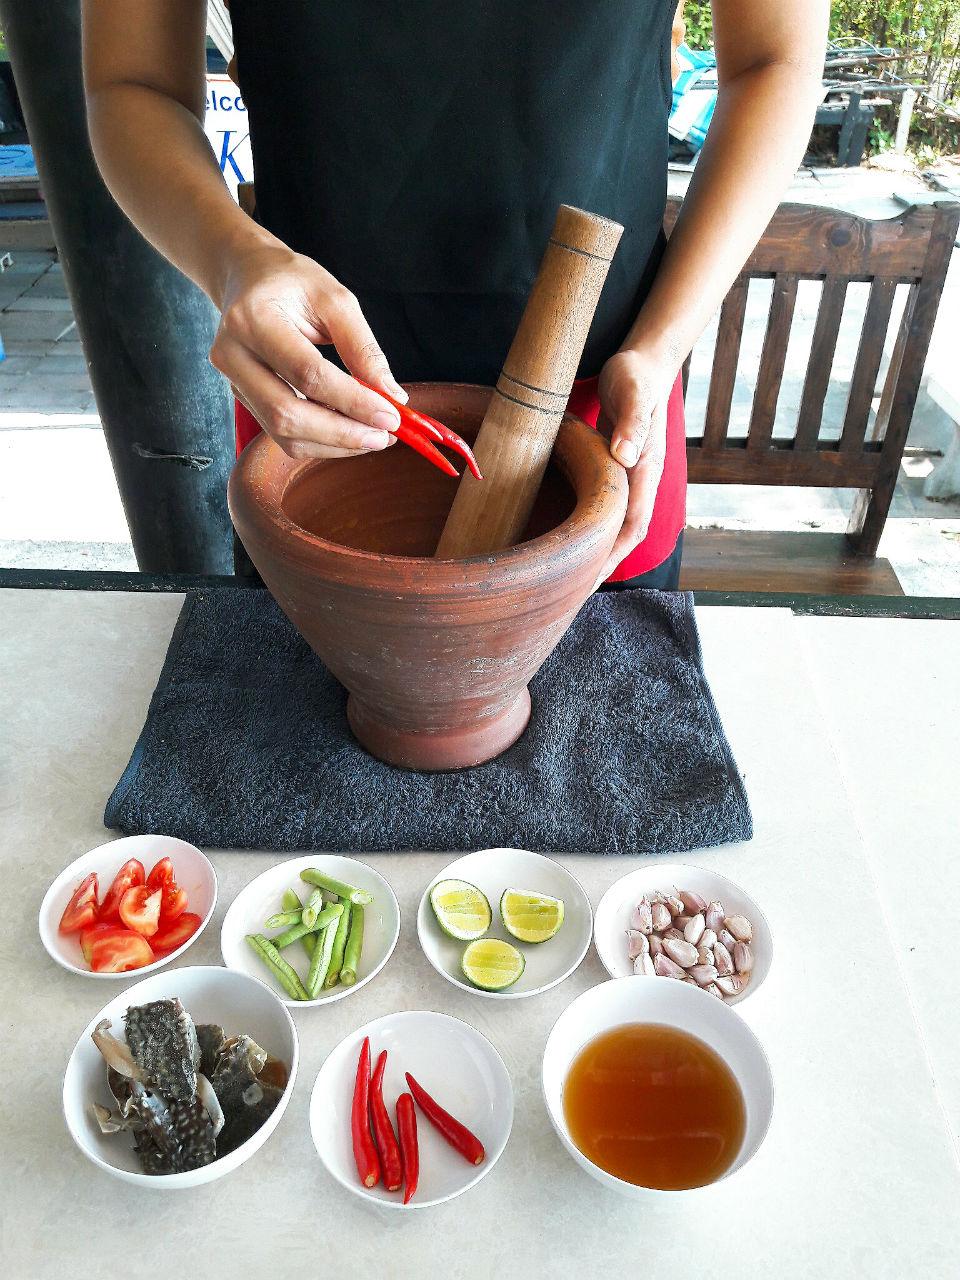 วิธีทำส้มตำปูม้าดอง หัวหิน